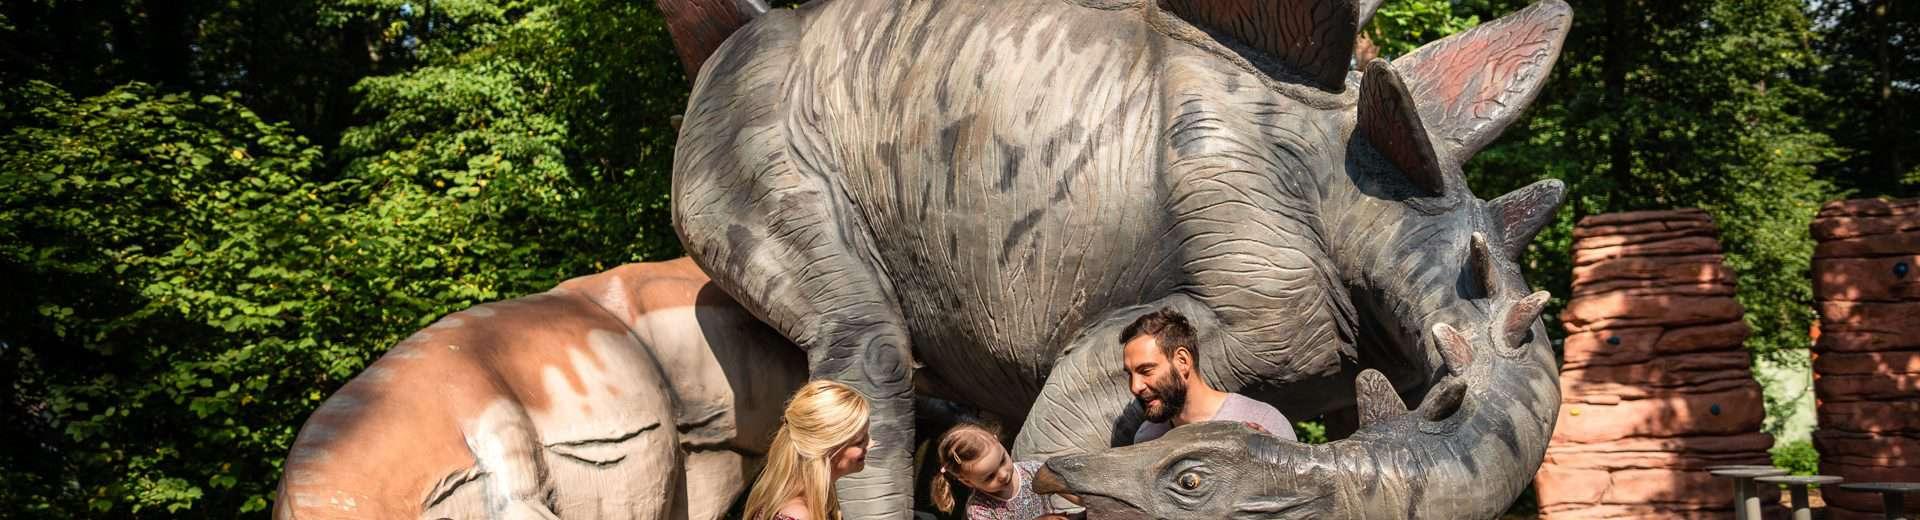 Familie im Sauerierpark Kleinwelka vor einem Saurier